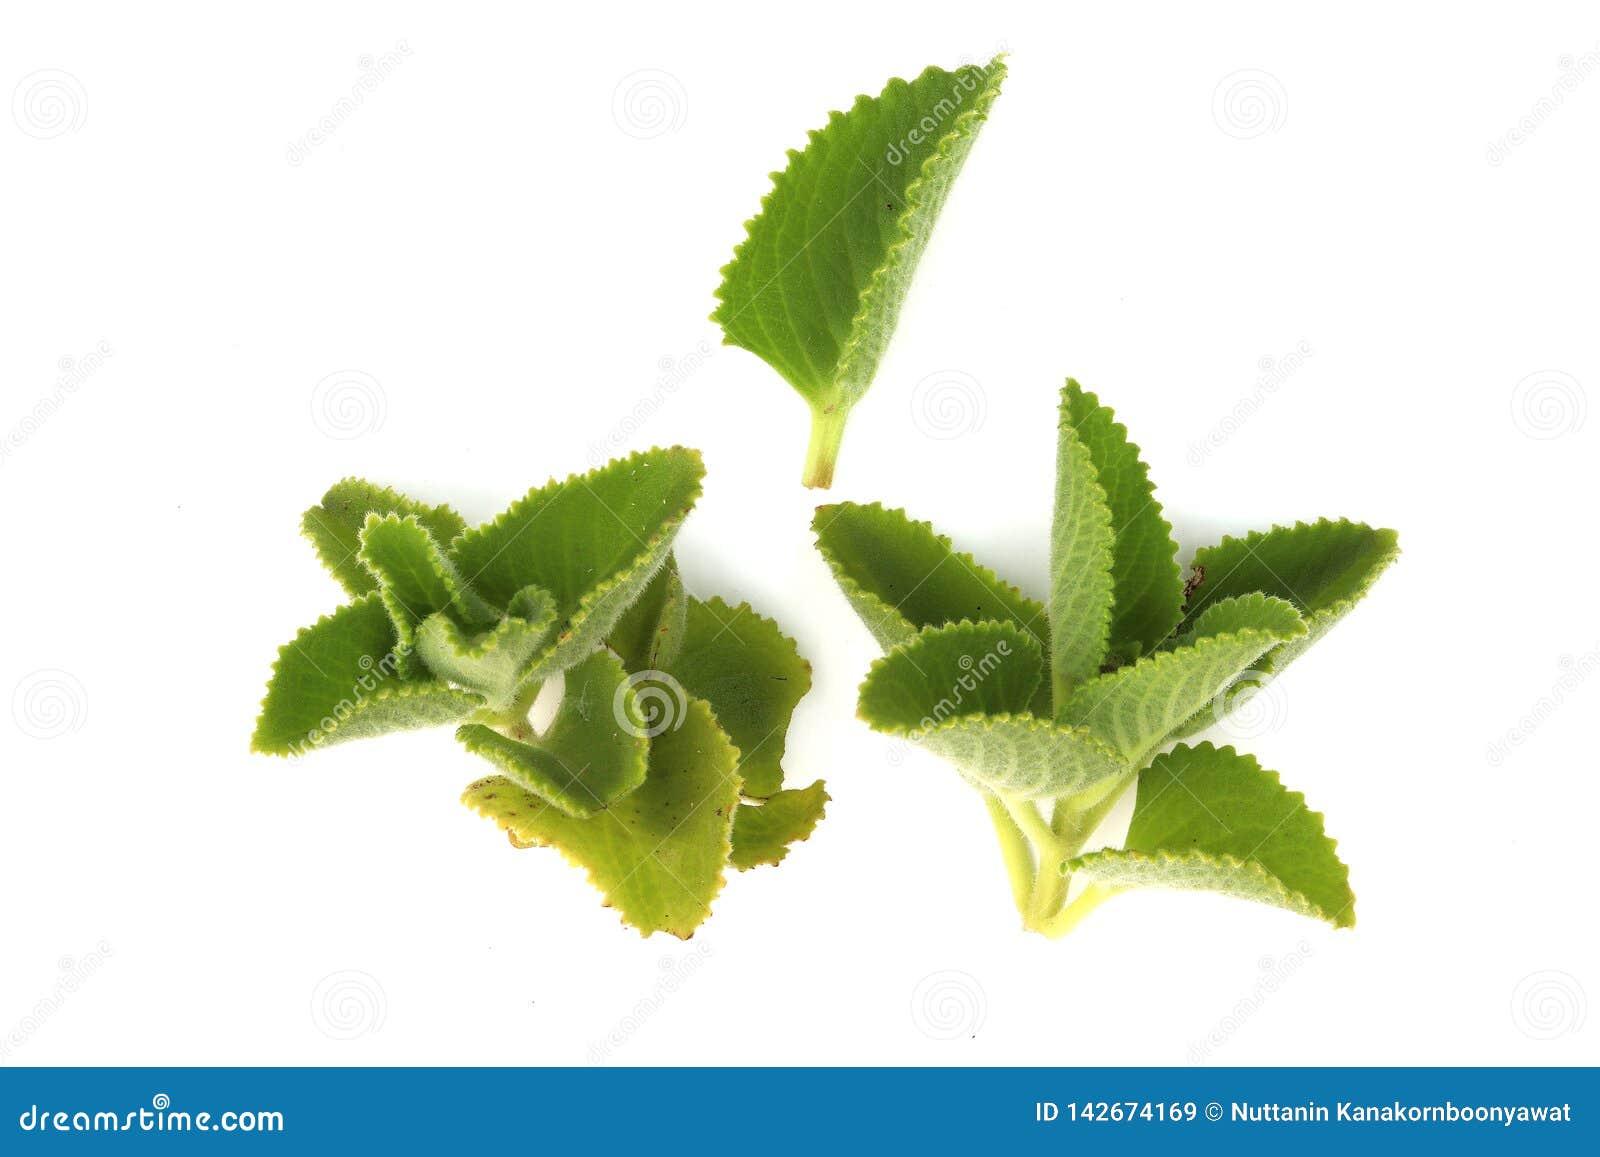 Μποράγκο χώρας, ινδικό μποράγκο, Coleus amboinicus Lour Lour Plectranthus amboinicus o